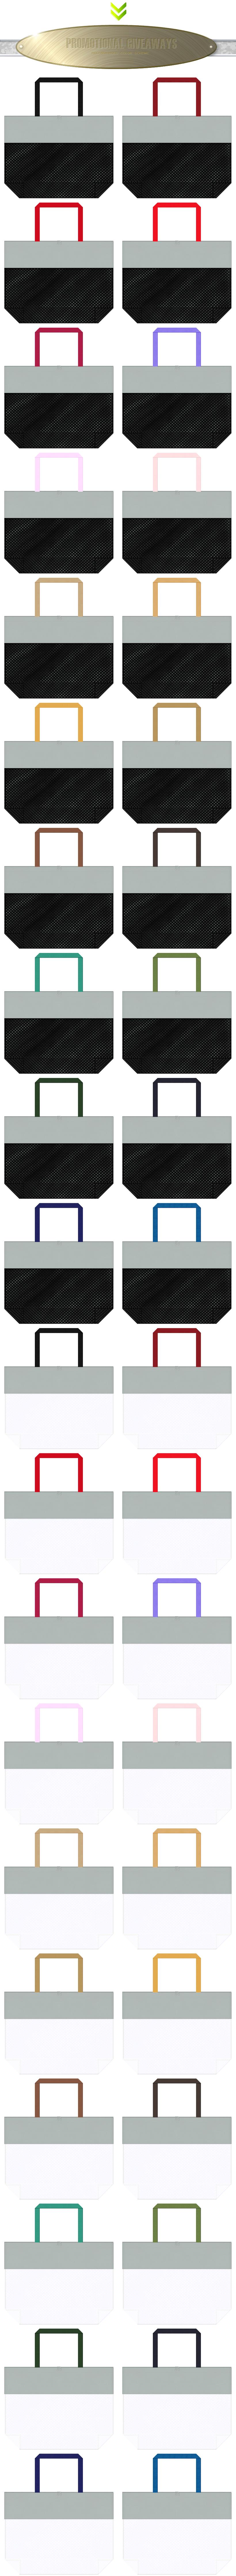 黒色メッシュ・白色メッシュとグレー色の不織布をメインに使用した、台形型メッシュバッグのカラーシミュレーション